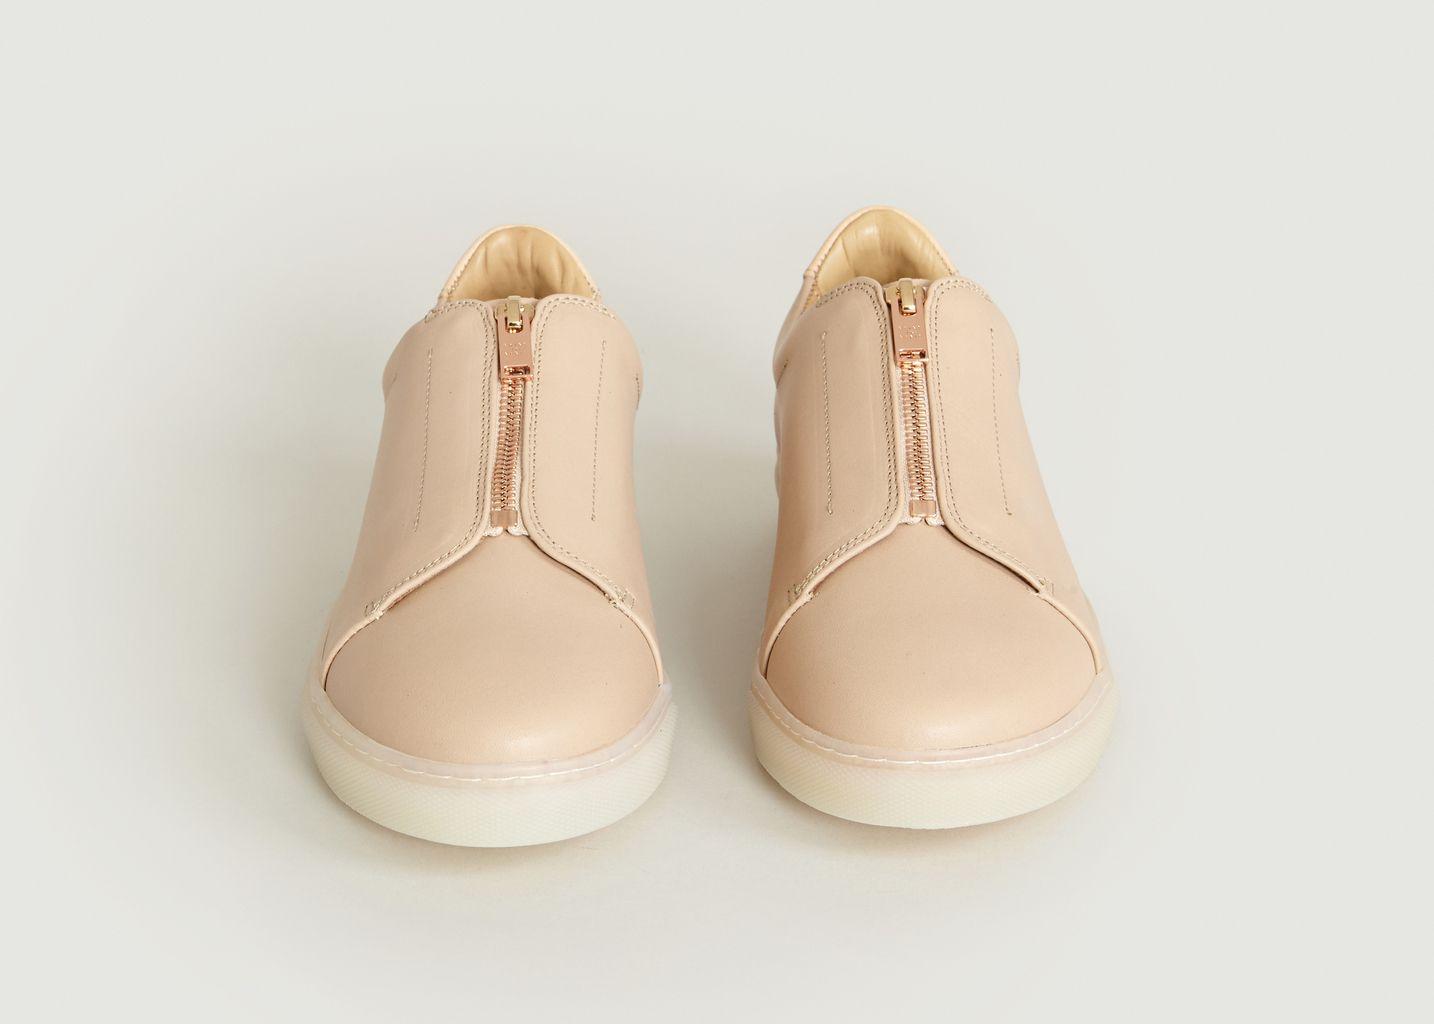 Sneakers N°8 Milton  - Pairs in Paris